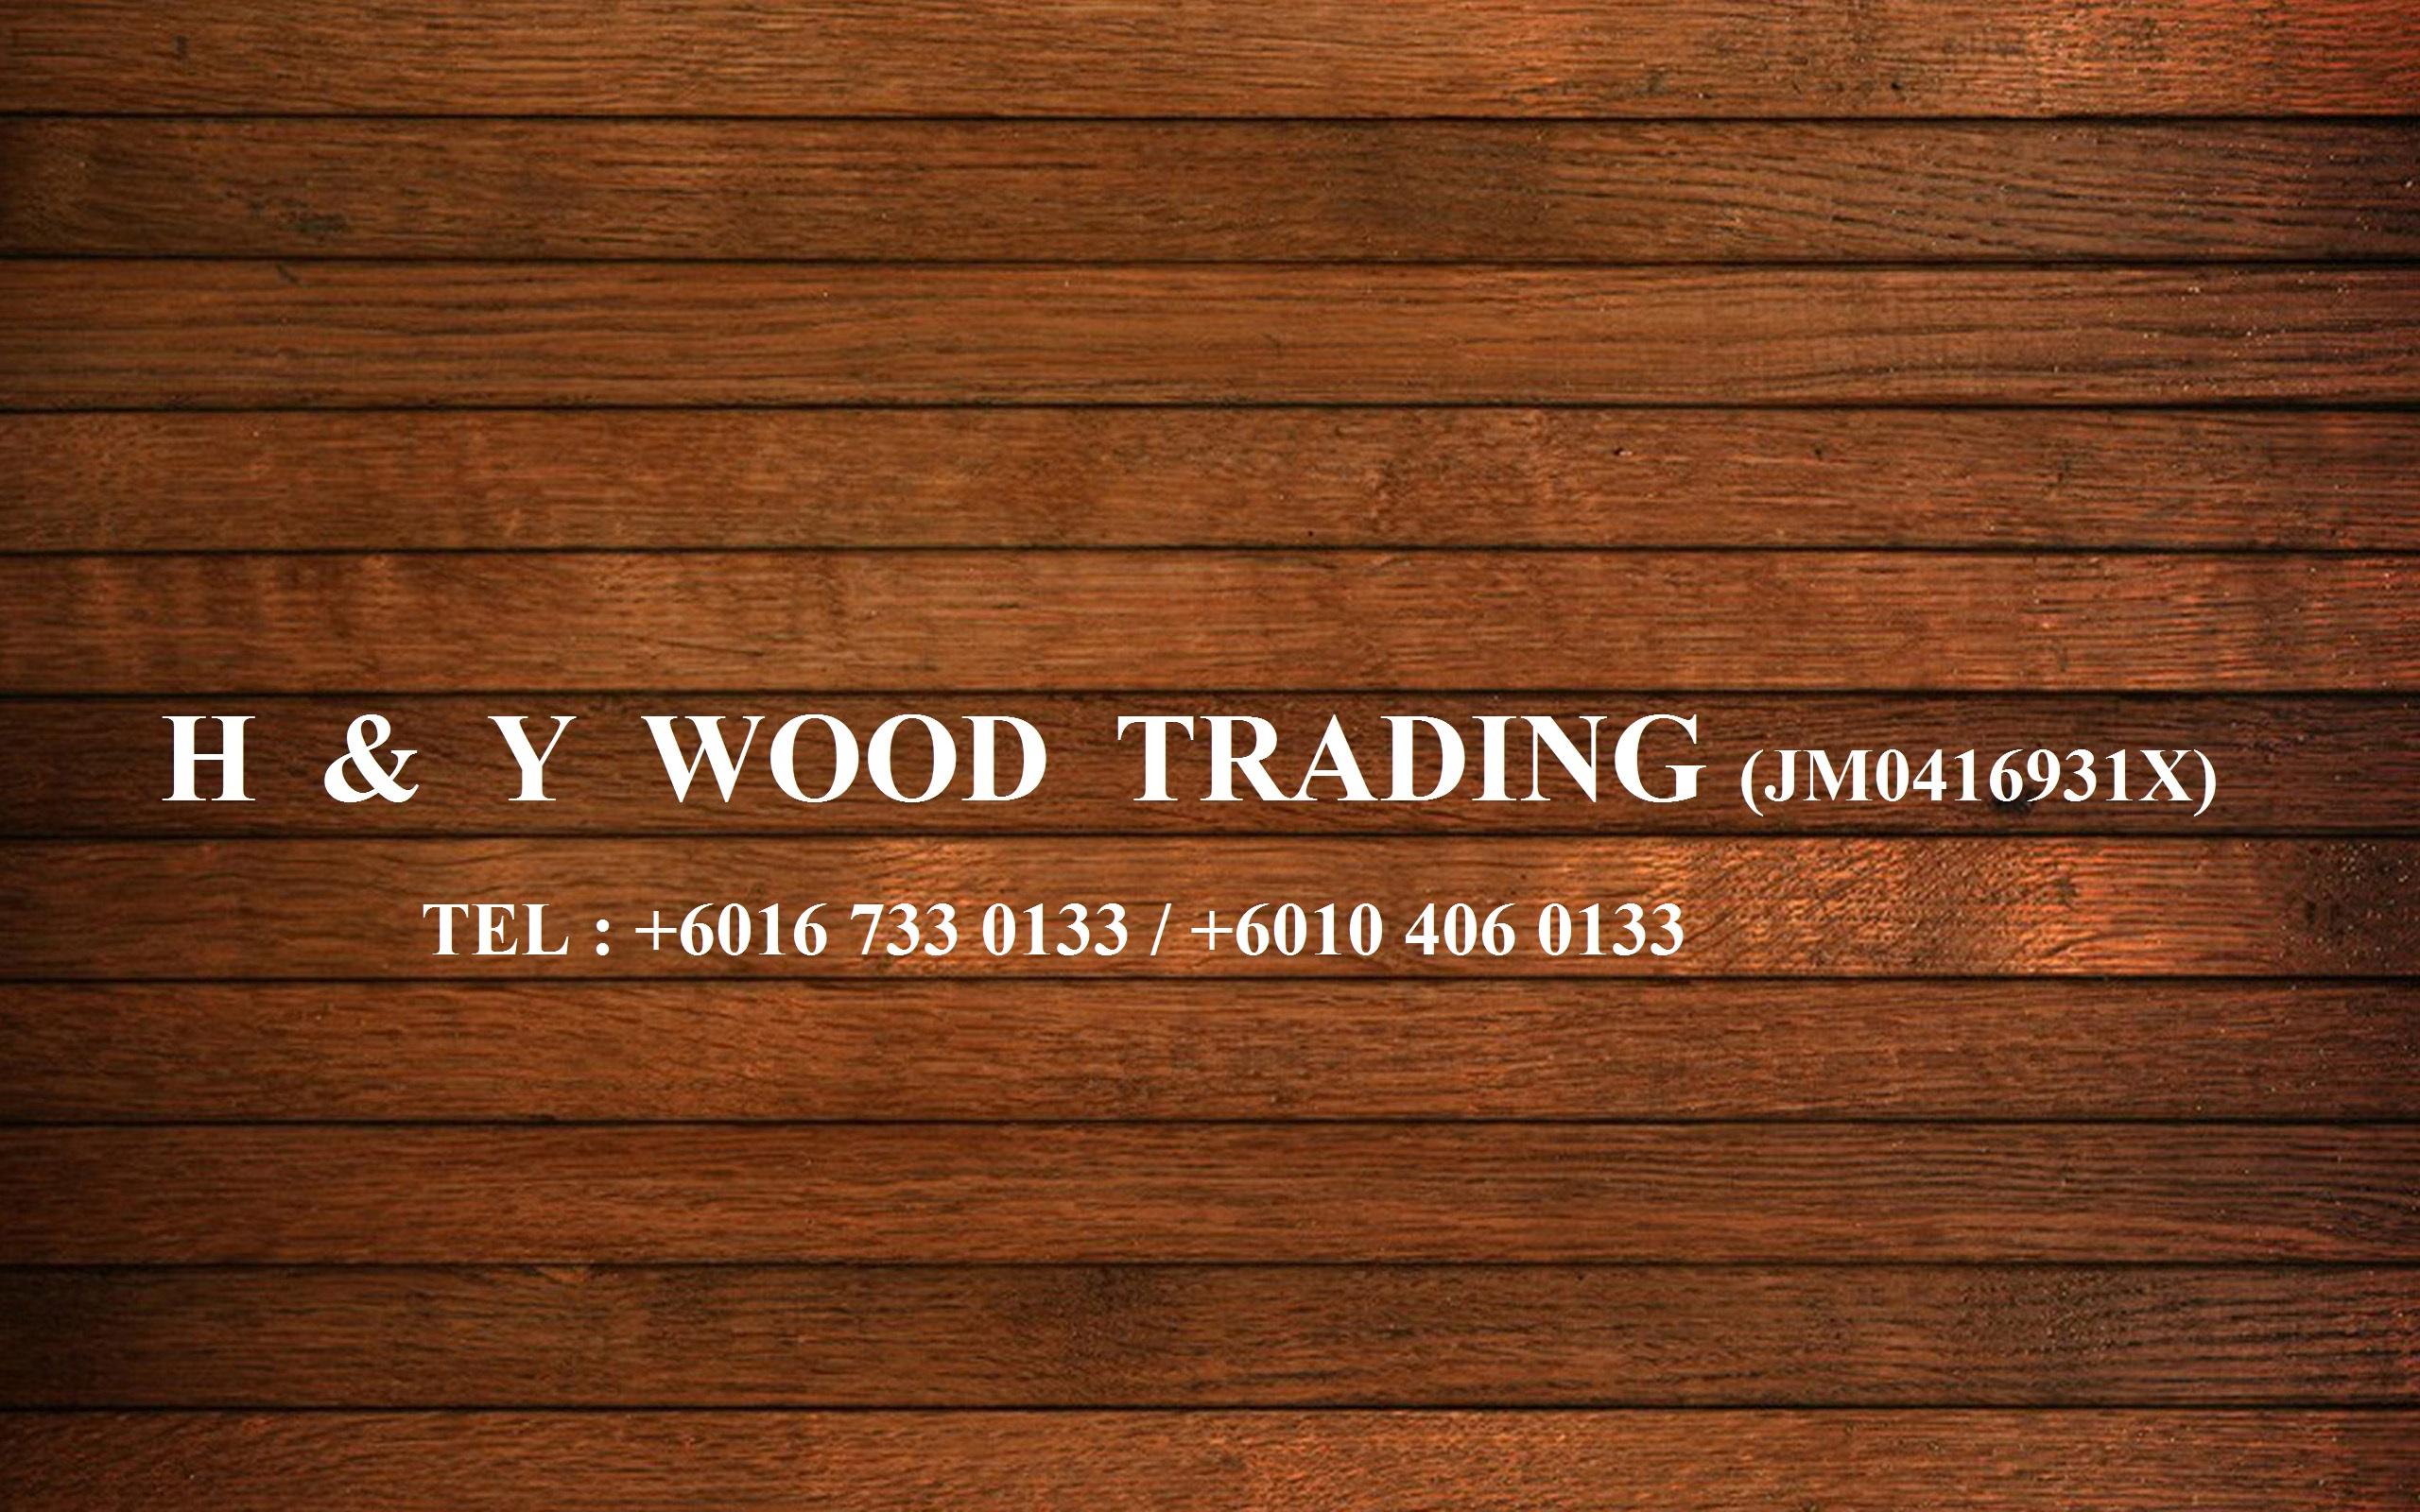 H&Y WOOD TRADING